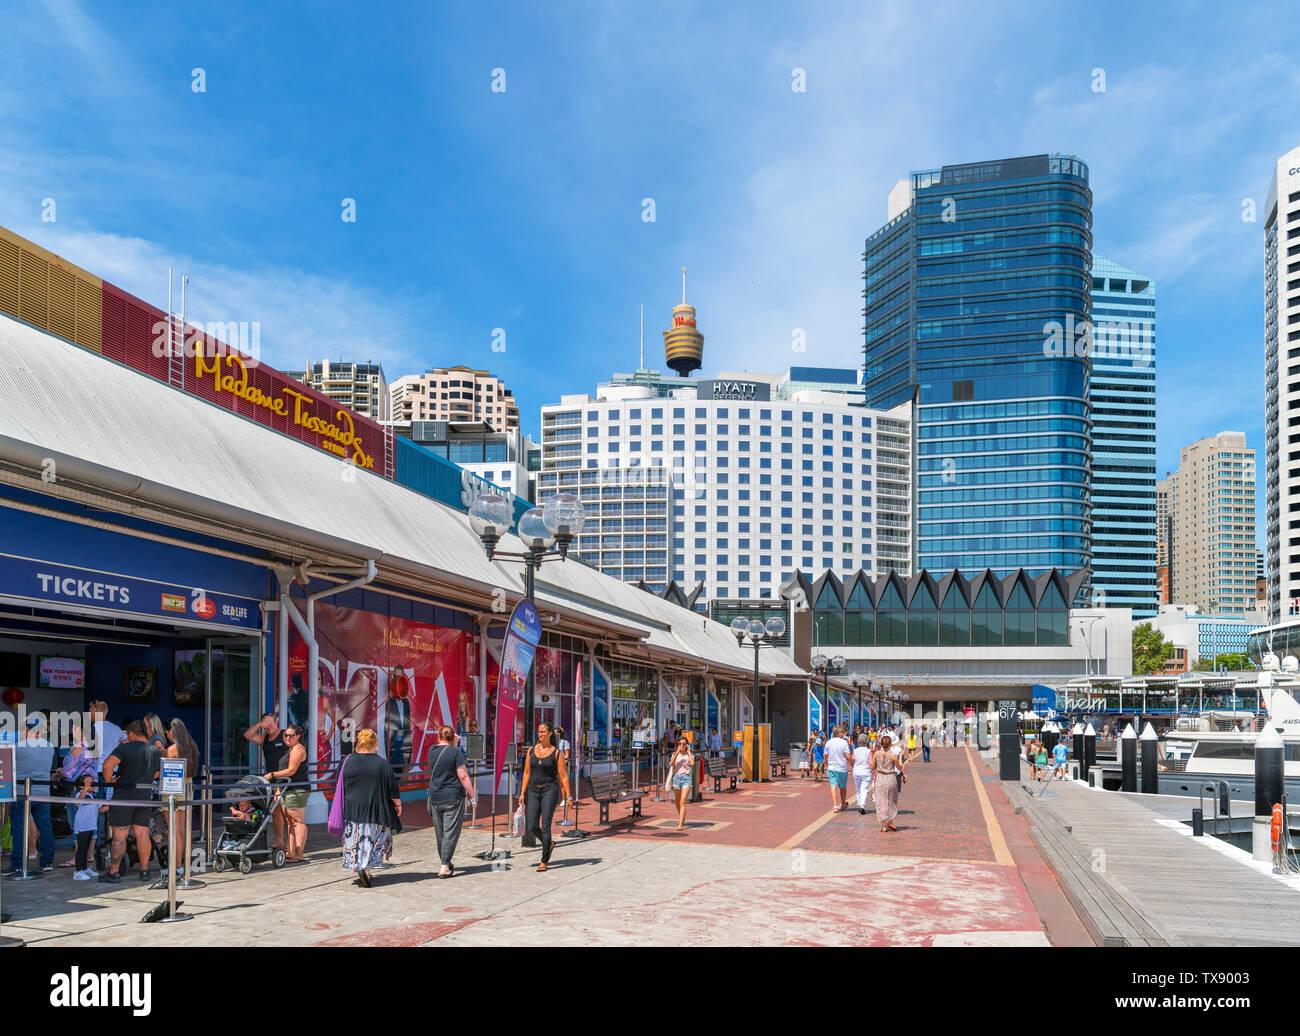 Aquarium Wharf, Darling Harbour, Sydney, Australia - Stock Image